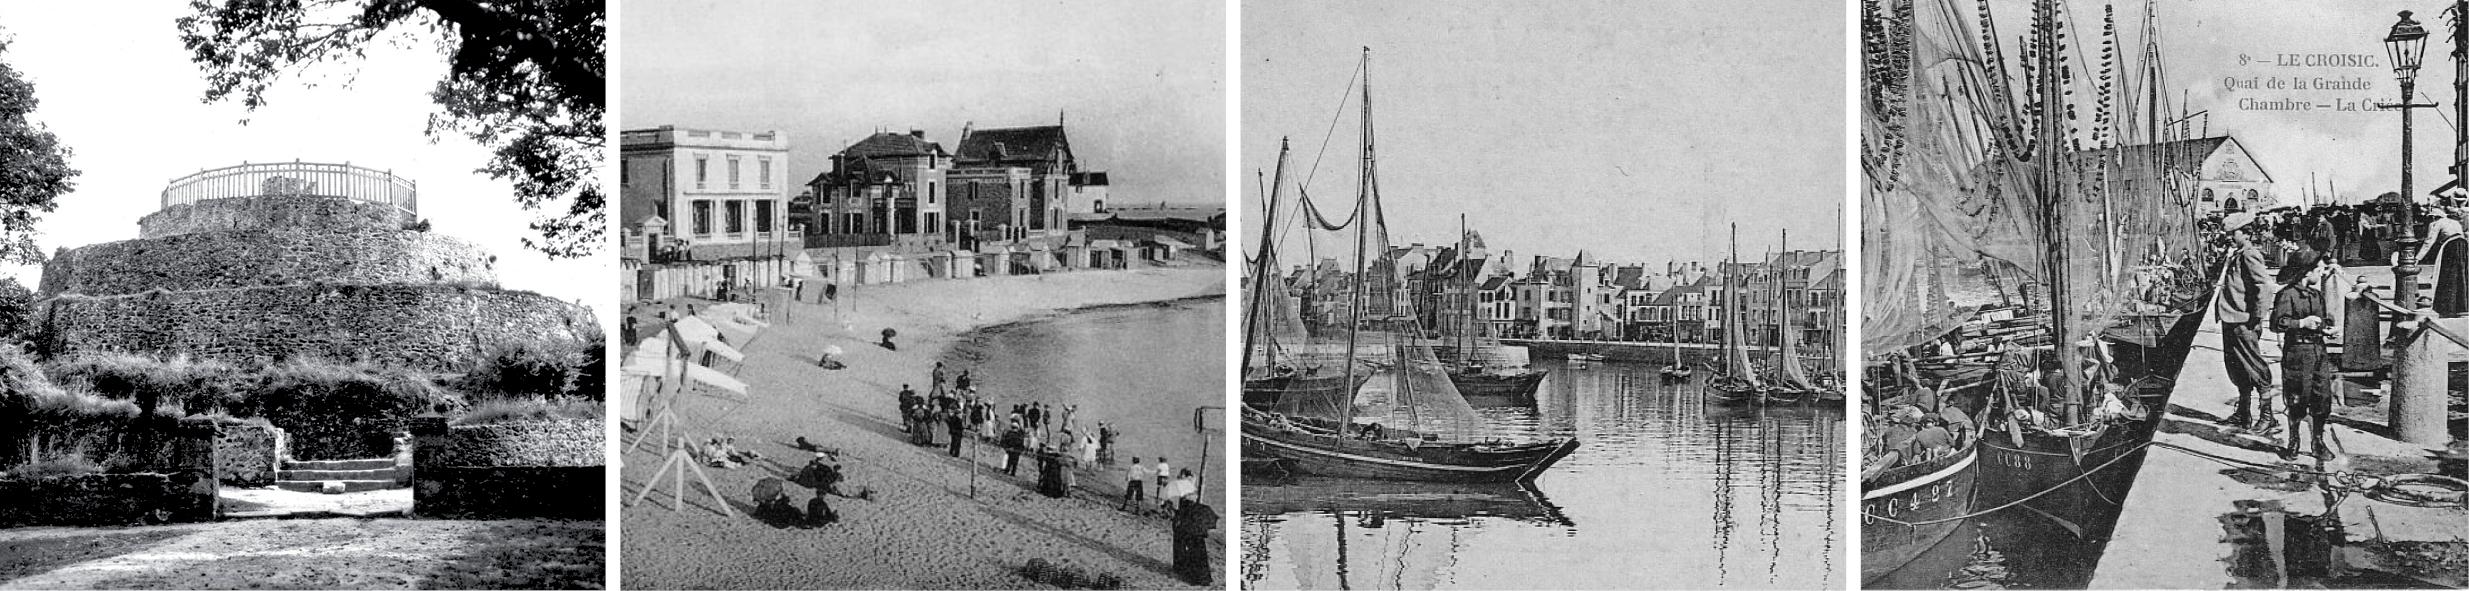 Bandeau - Histoire du Croisic 2.jpg